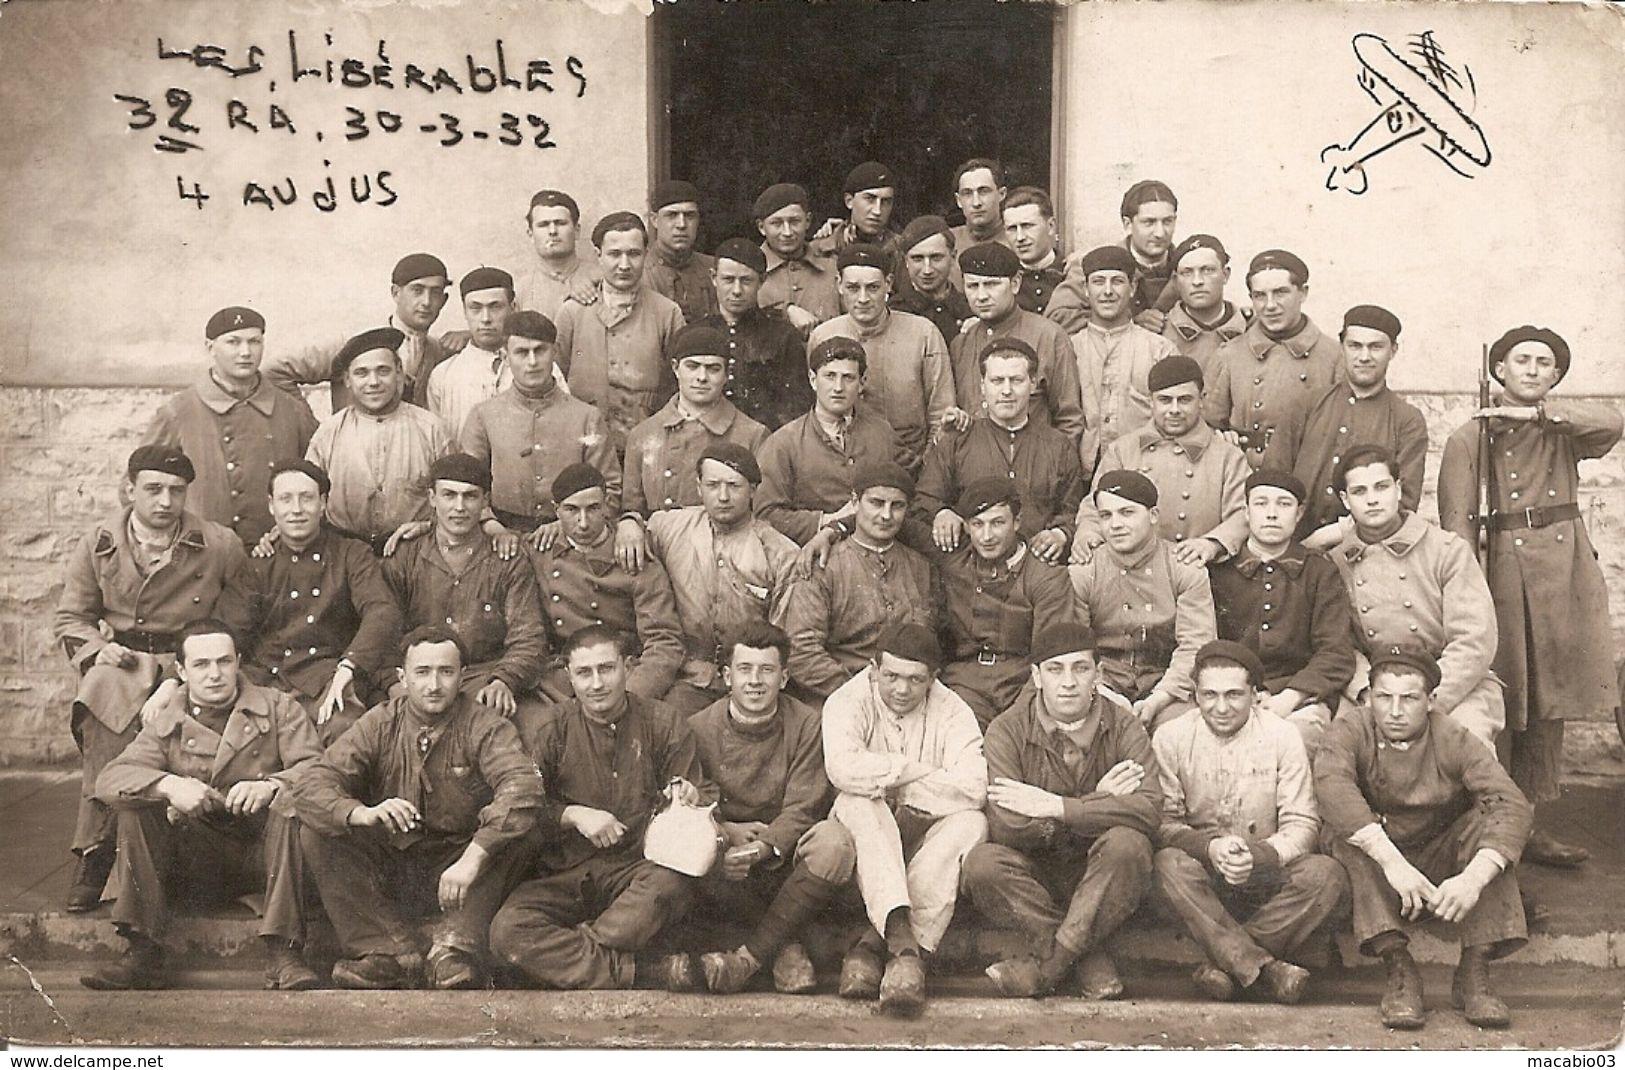 21 Côte D' Or : Dijon-Longvic Militaria :les Libérables De La 32eme R A ( 4 Au Jus) Carte Photo Réf 3687 - Dijon